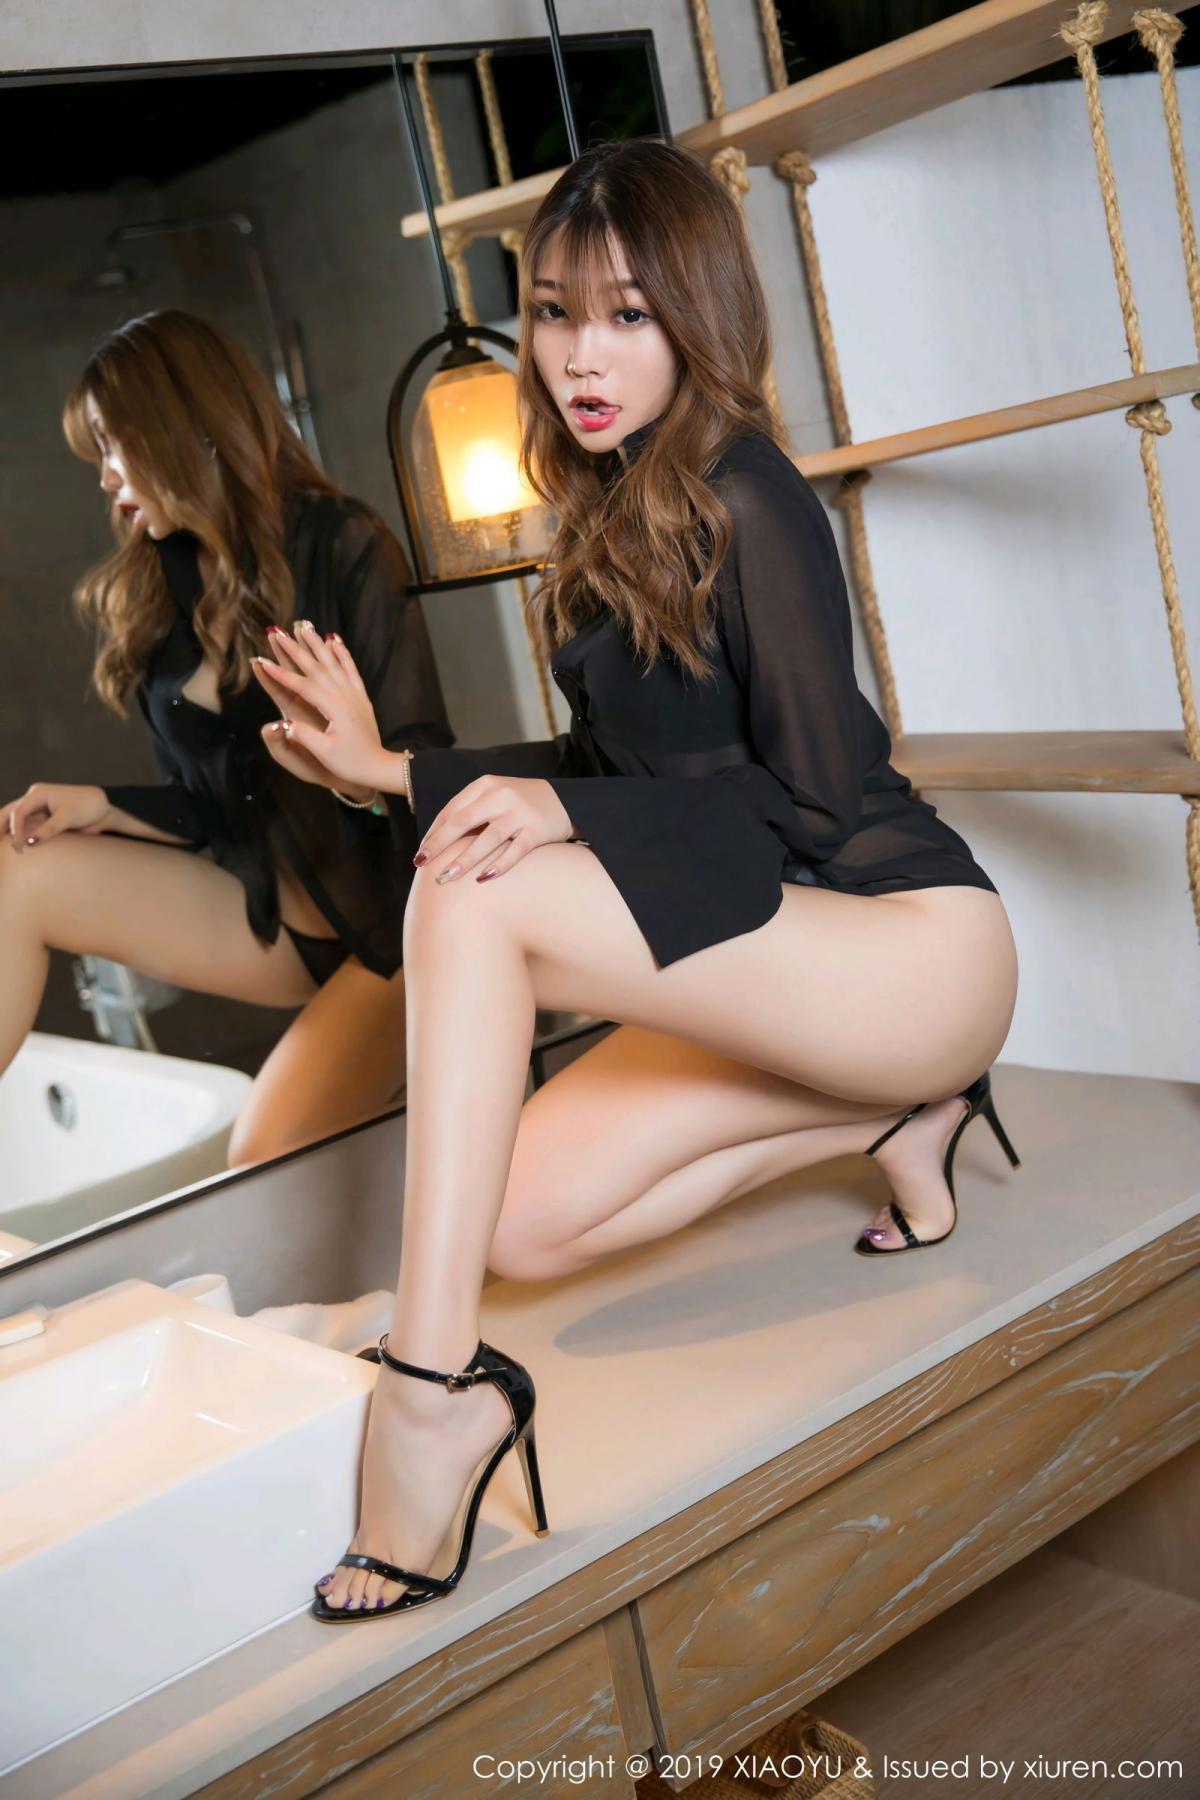 [XiaoYu] Vol.105 Chen Zhi 8P, Bathroom, Big Booty, Chen Zhi, Wet, XiaoYu